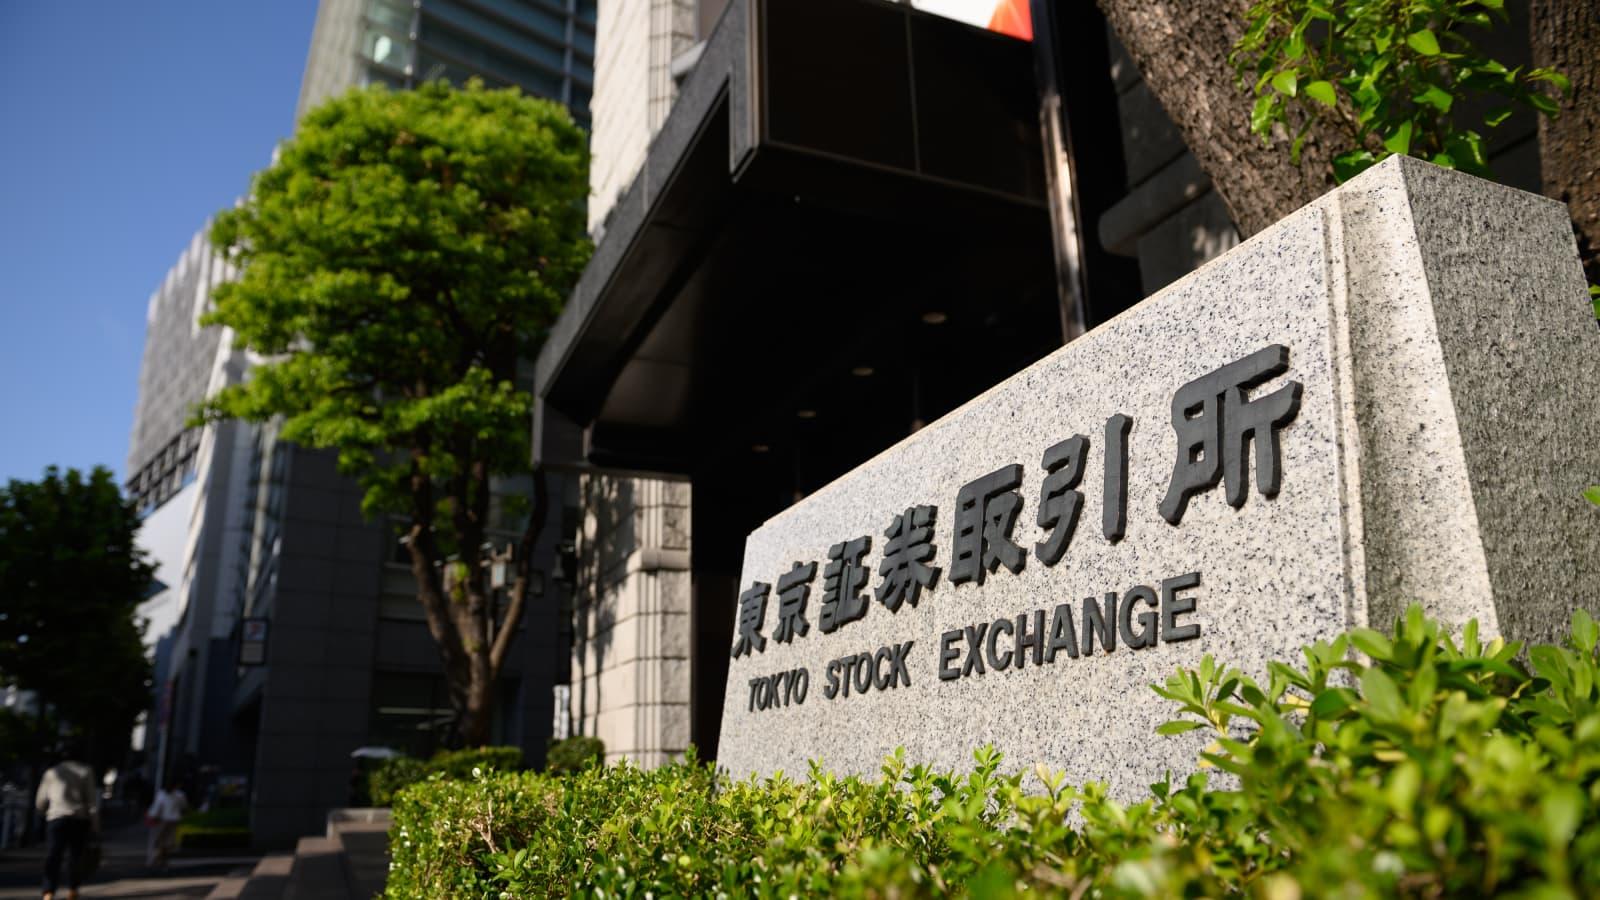 Sáng 21/7: Chứng khoán Úc, Nhật hồi phục, cổ phiếu Hàn Quốc vẫn chìm trong sắc đỏ